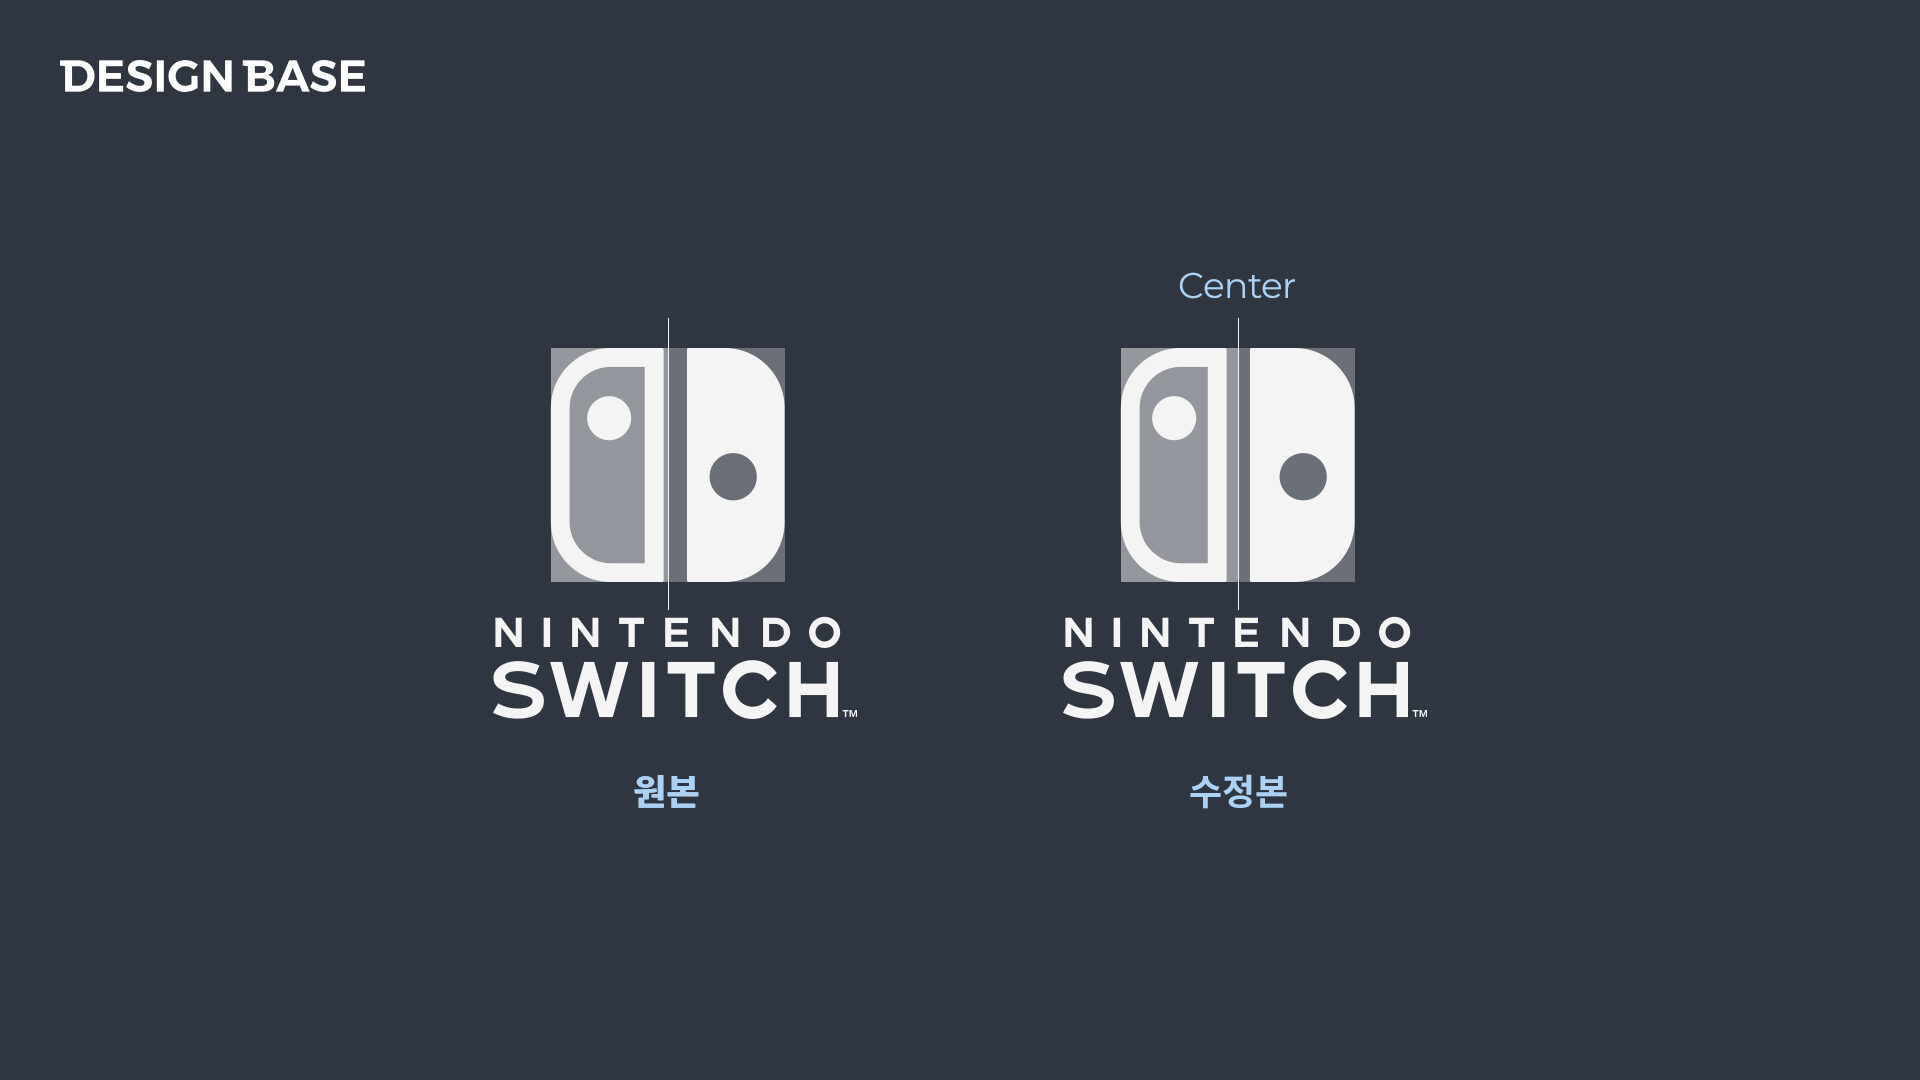 닌텐도 로고도 중앙정렬이 아니다.